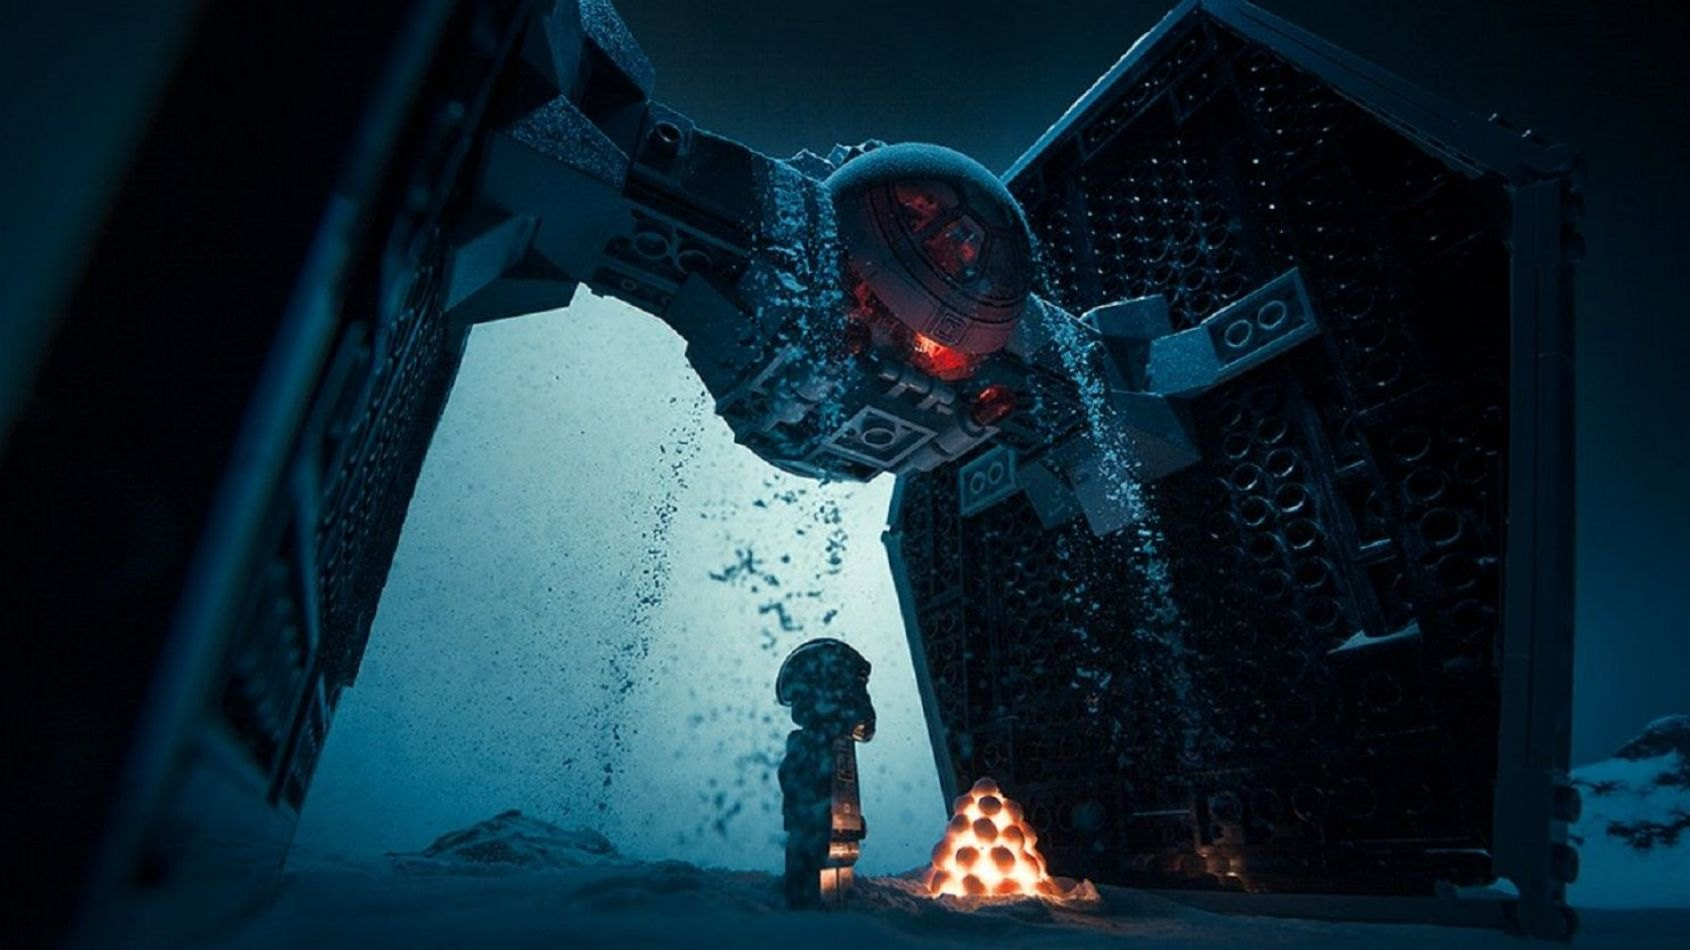 Des photos Star Wars avec des Lego